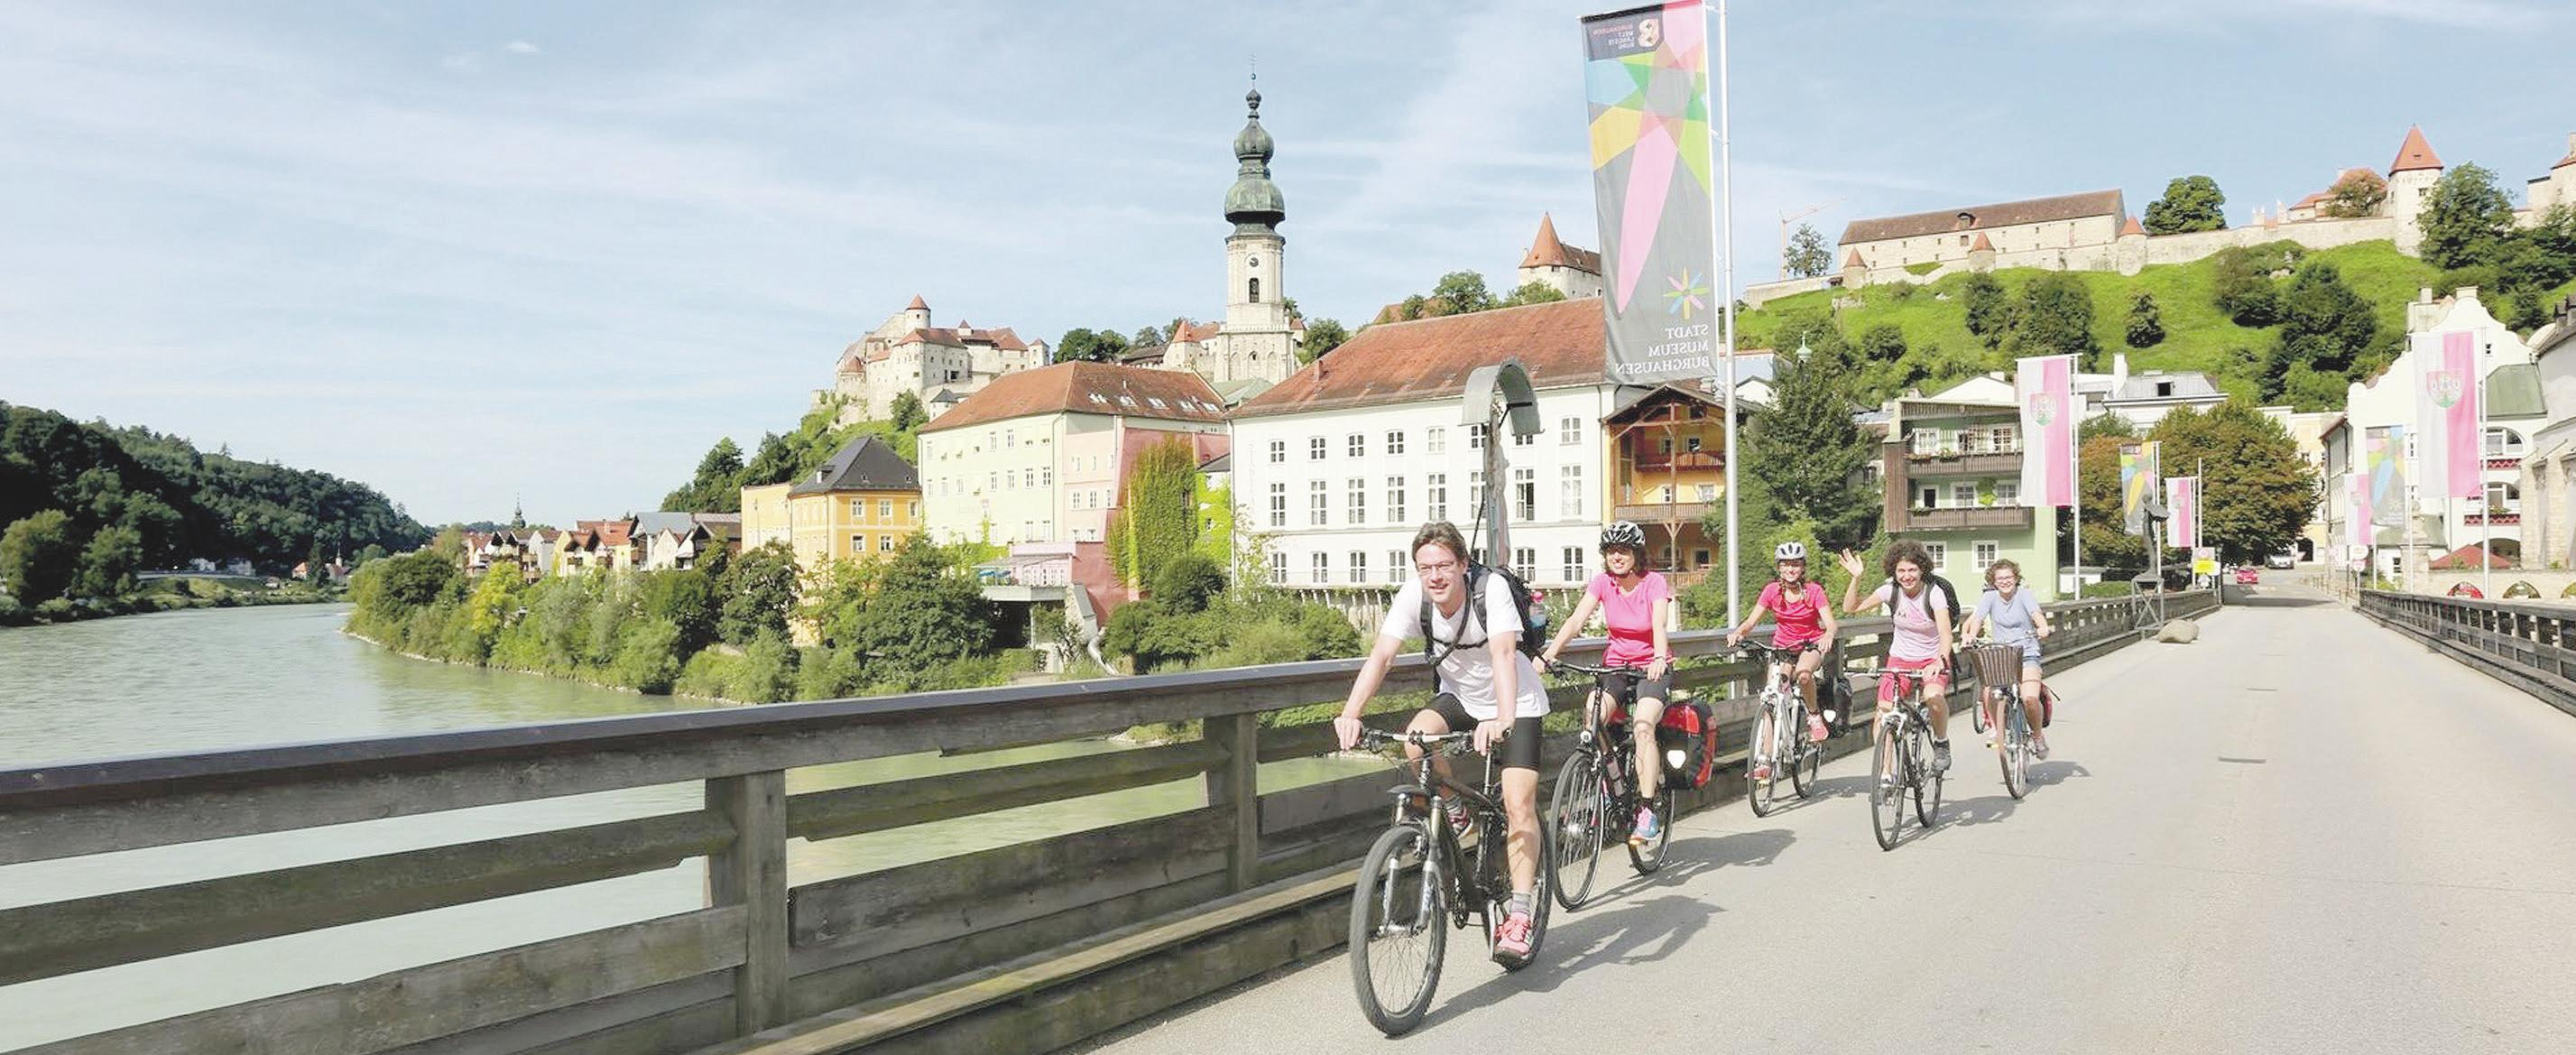 Urlaub dahoam: Kultur- und Freizeitparadies rund um die weltlängste Burg Image 6